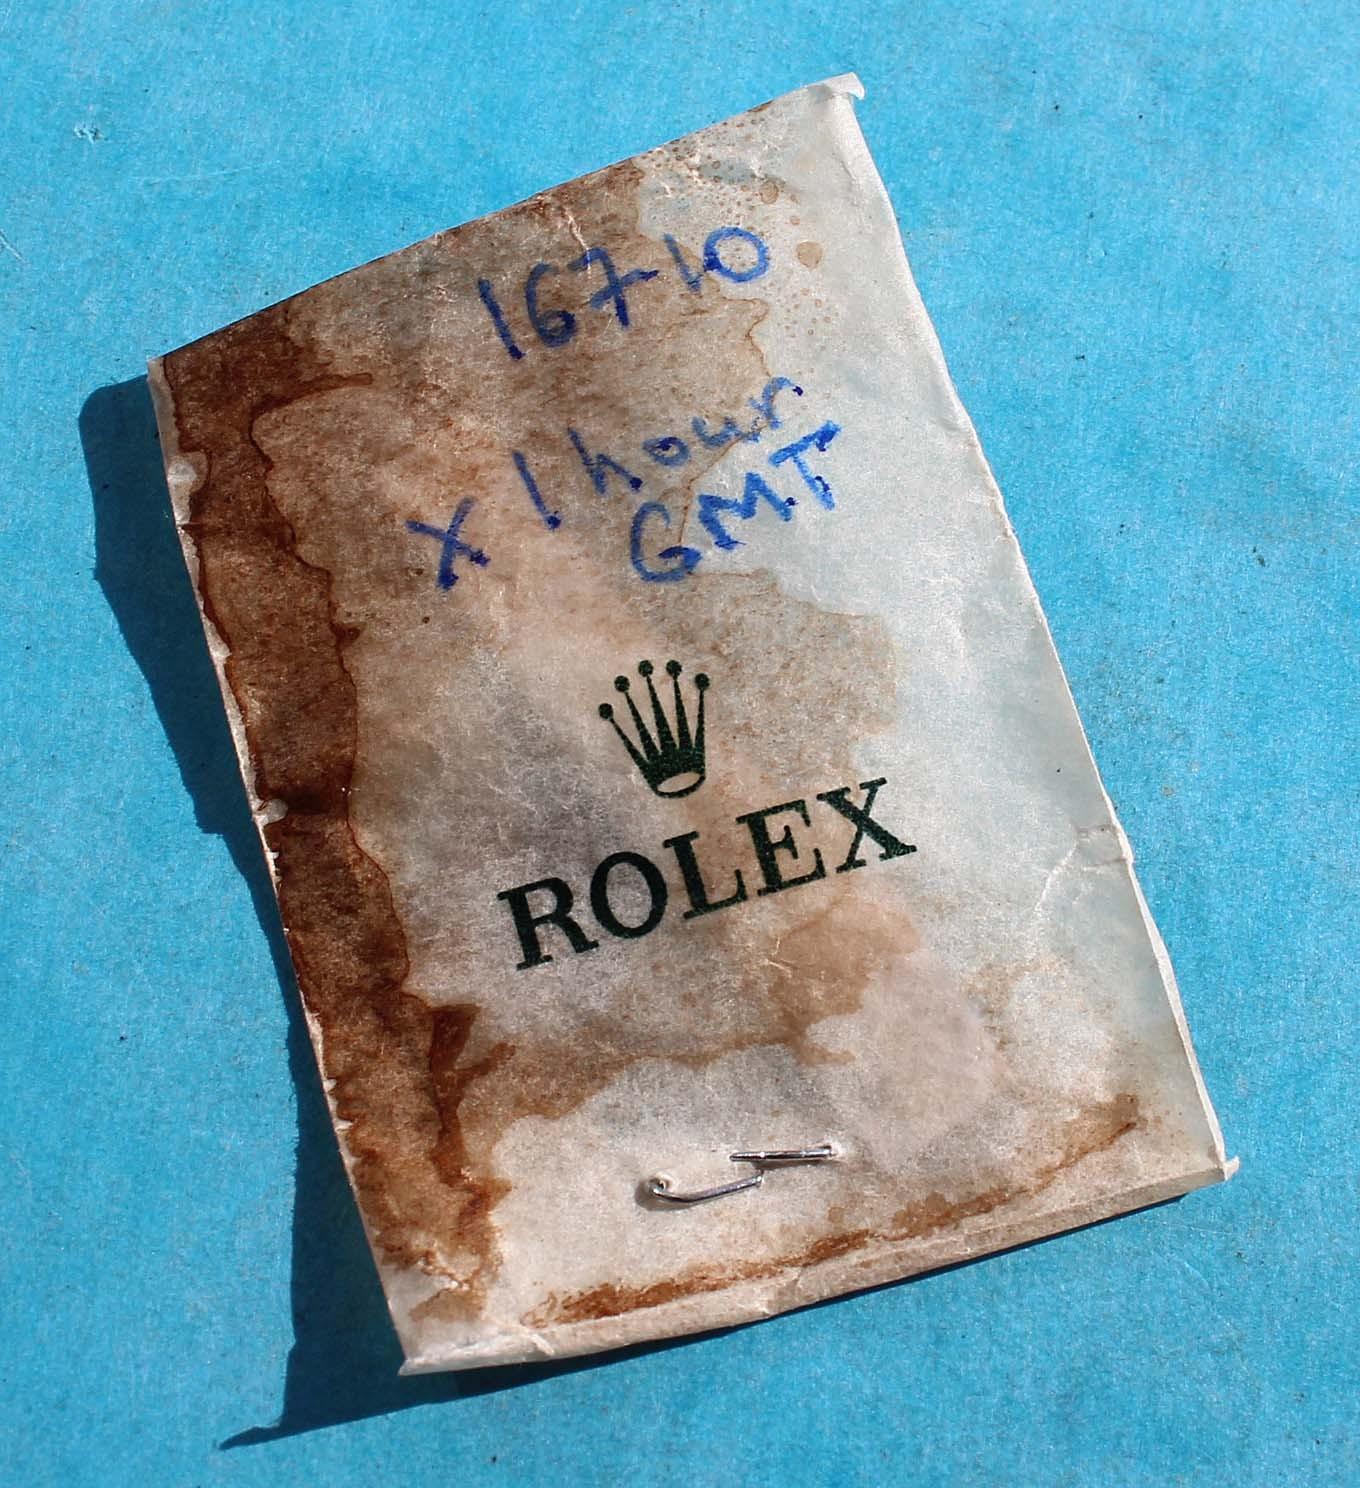 ROLEX NOS ORIGINAL OEM 1 x LUMINOVA HOURS HAND FOR GMT MASTER II WATCHES 16710 AUTO CAL 3175